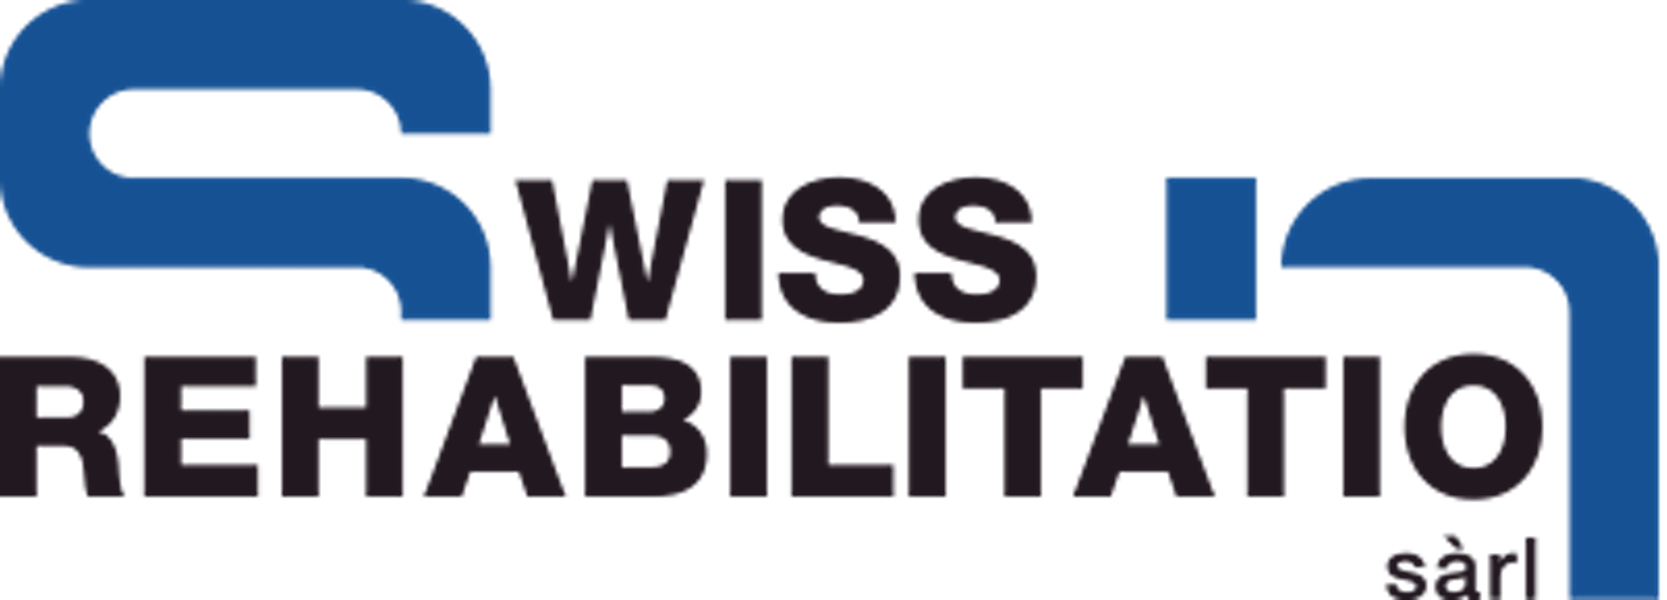 logo swissrehabilitation